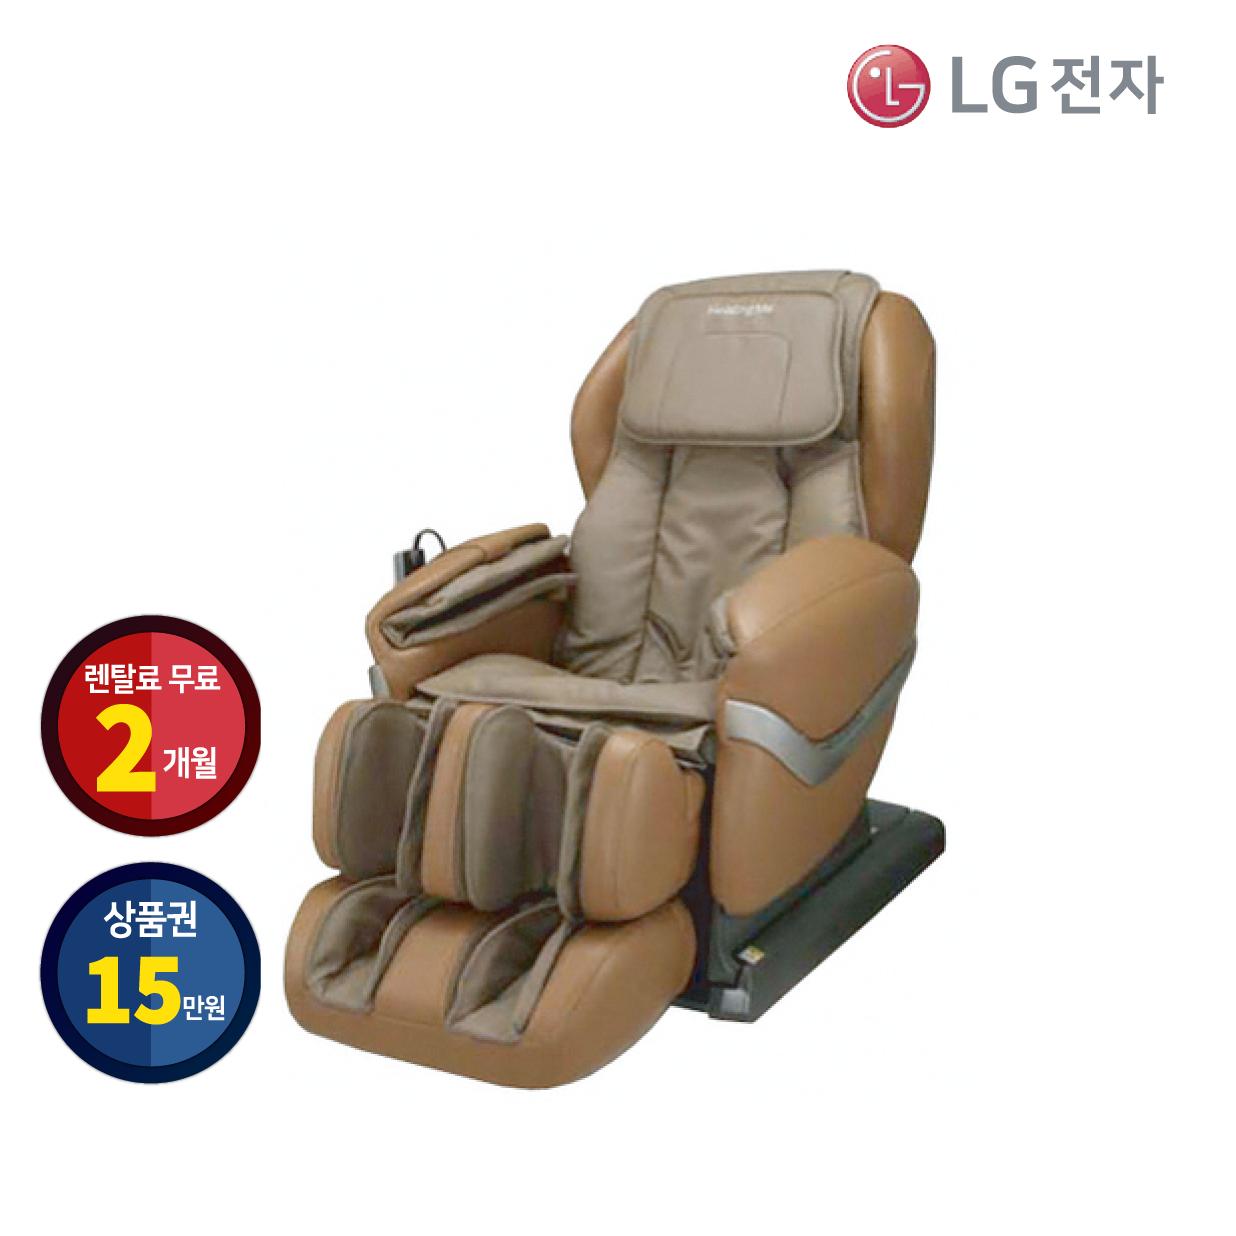 LG전자 바디핏 안마의자 렌탈 BM301RCR 월 41900원